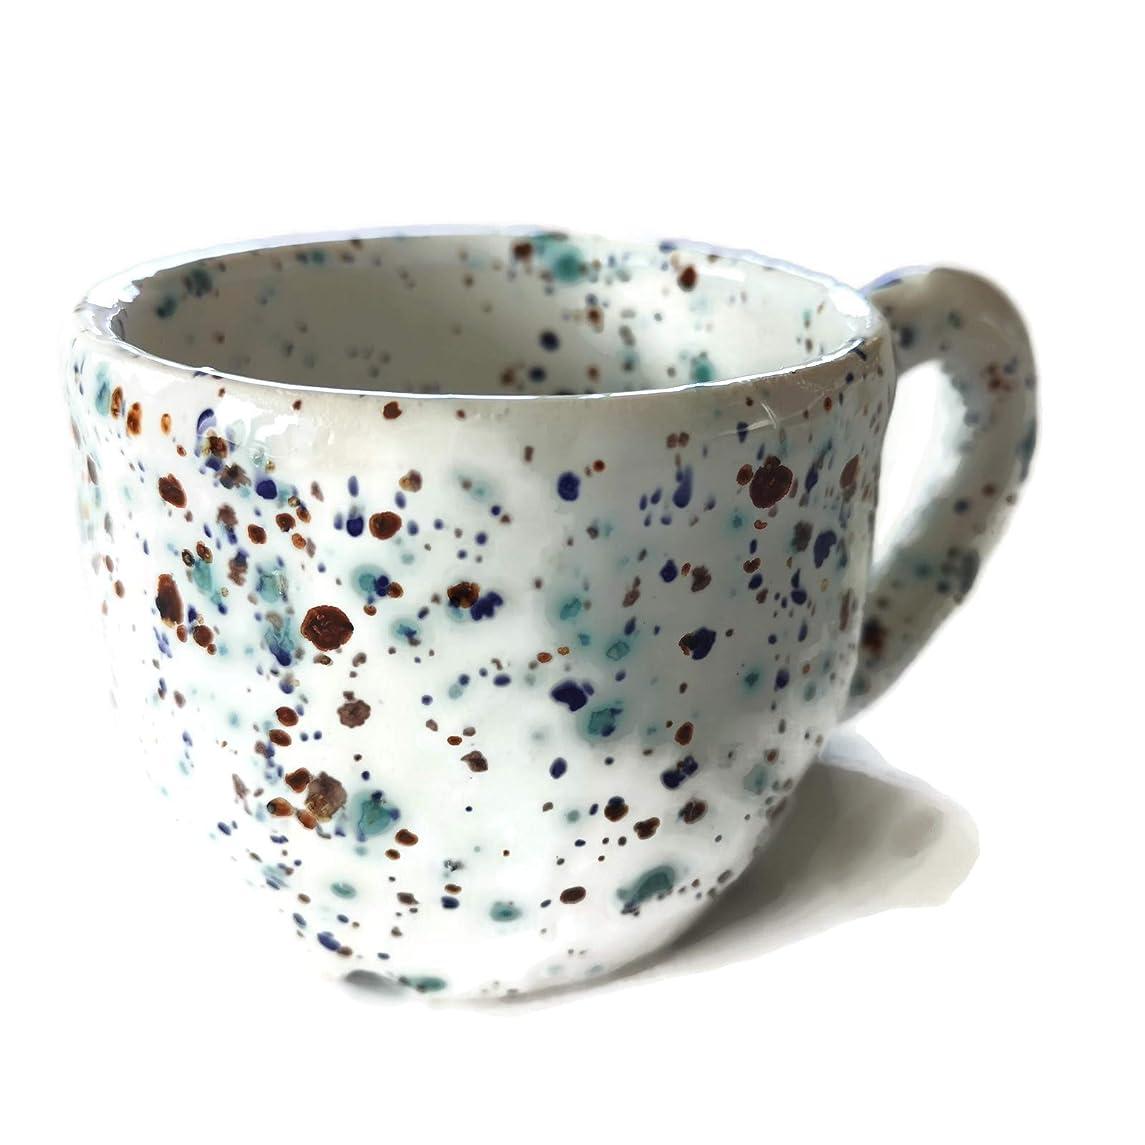 Ceramic Confetti Mug, Confetti Pottery, Breakfast Mug, Tea Mug, Coffee Mug